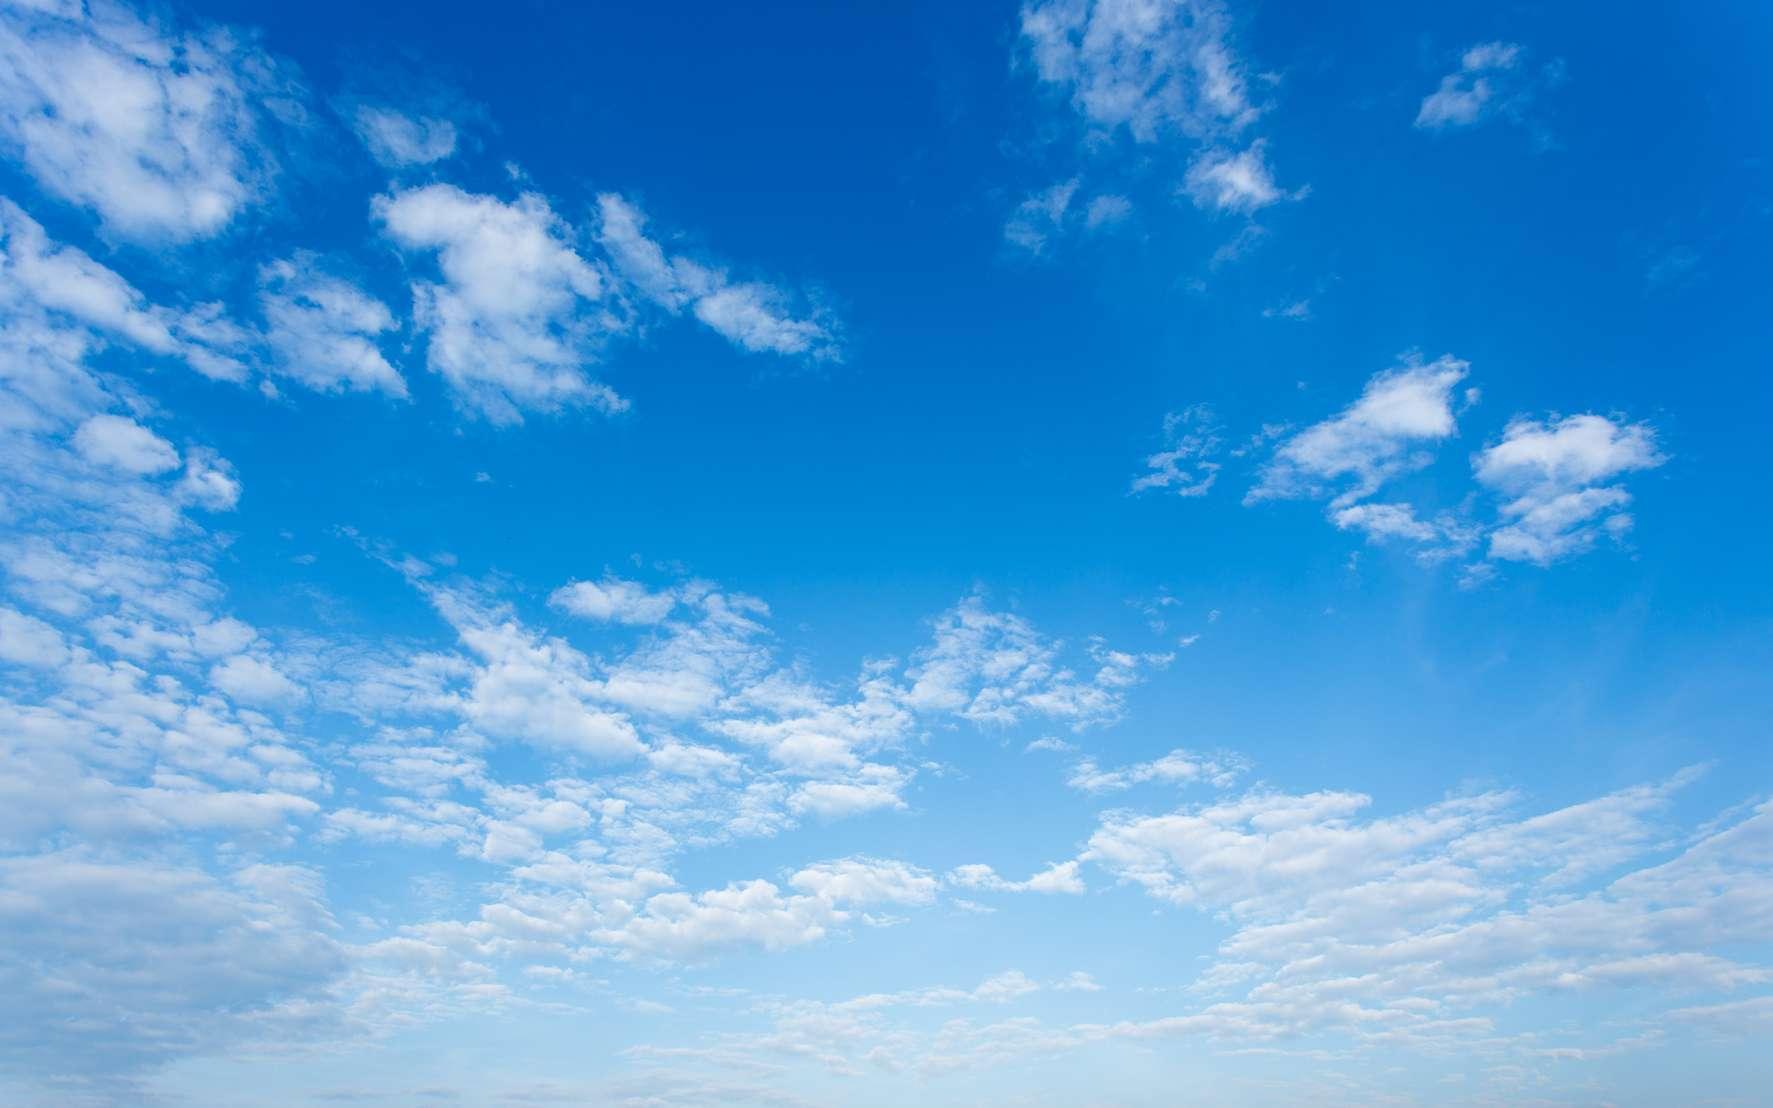 Le ciel bleu et le blanc des nuages sont tous deux dus à la diffusion de la lumière solaire blanche, mais, dans un cas, les acteurs de diffusion sont les molécules d'air, dans l'autre ce sont les gouttelettes d'eau. © littlestocker, Fotolia